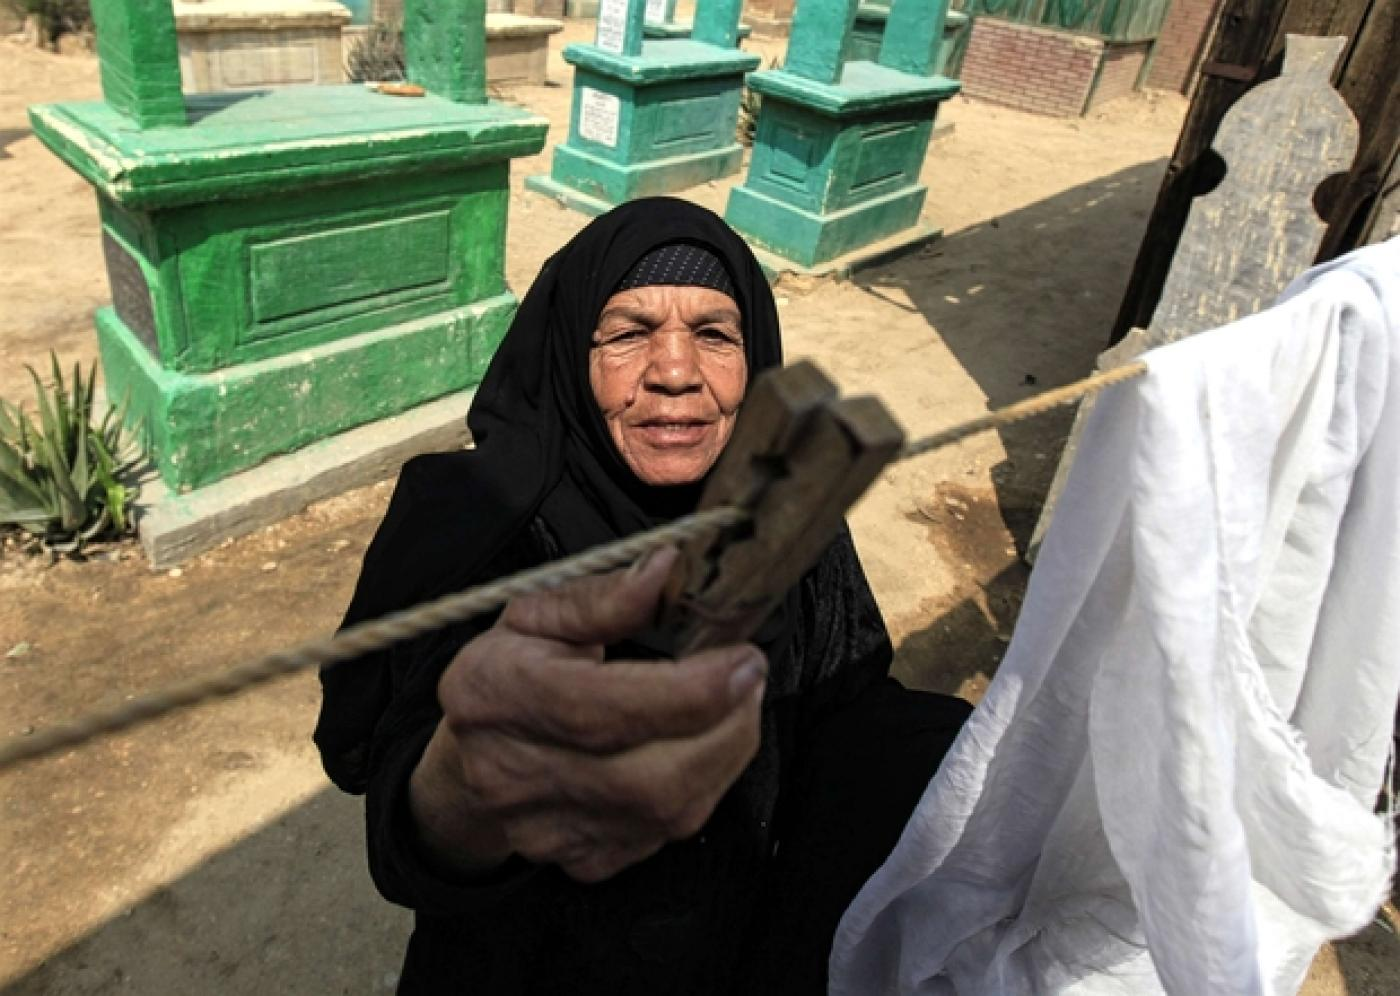 Rencontre fille egypte : Rencontrer célibataires hommes